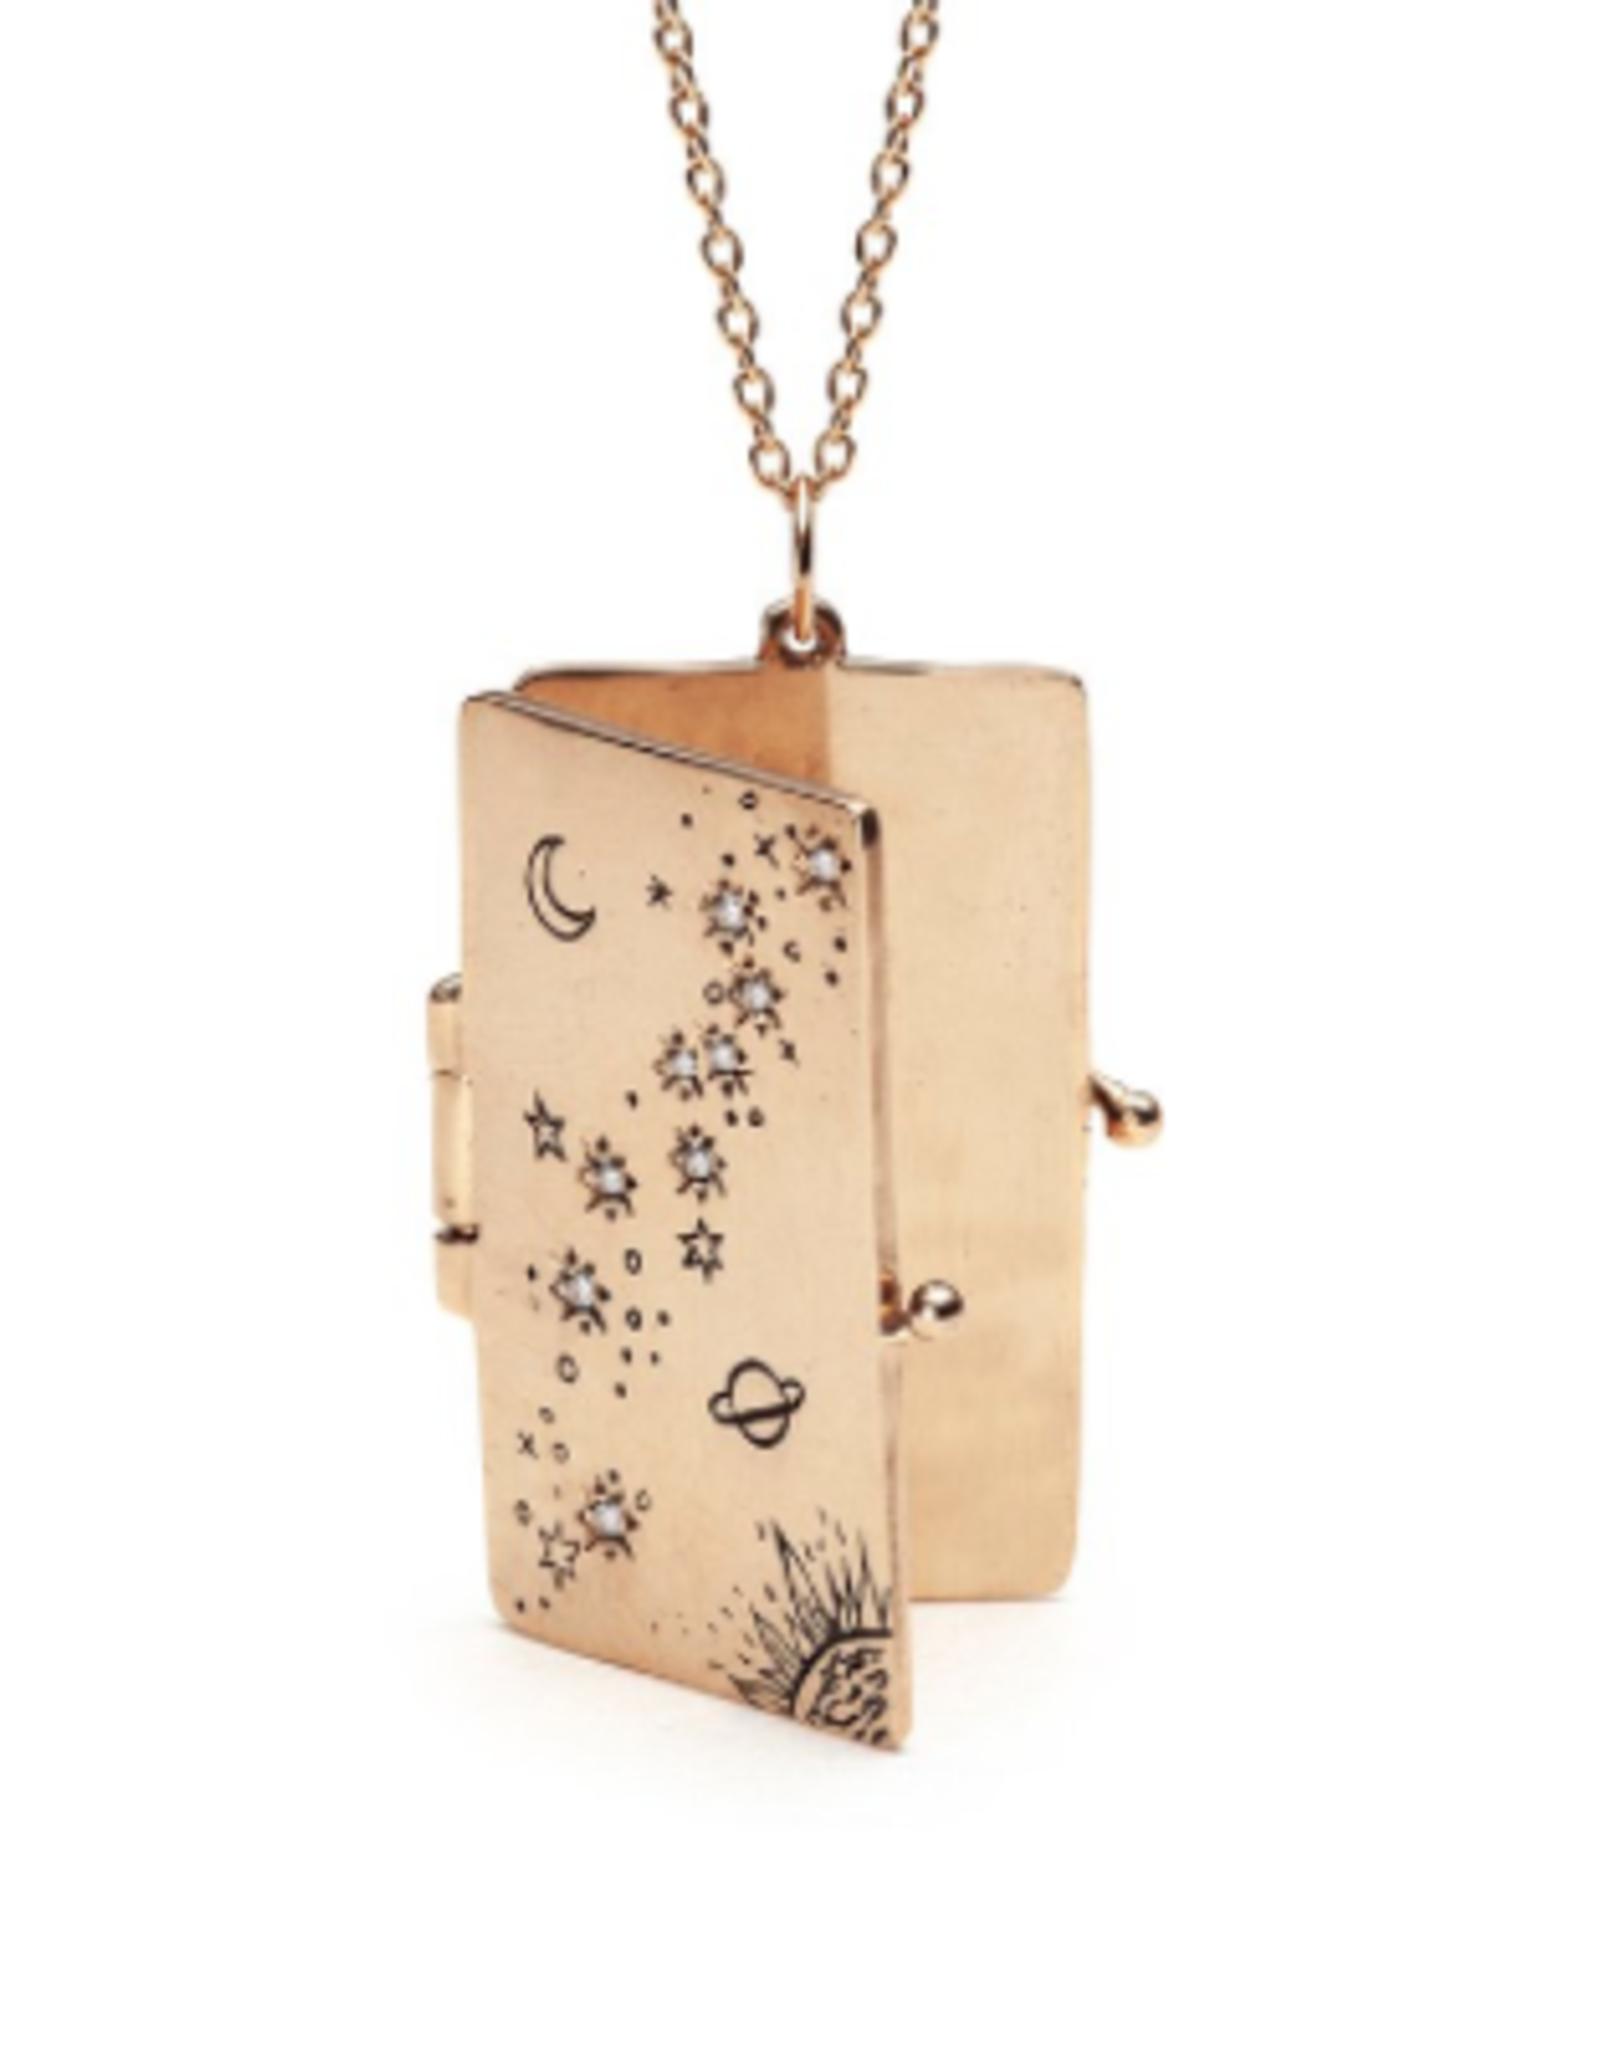 Sofia Zakia Stardust Book Locket Necklace